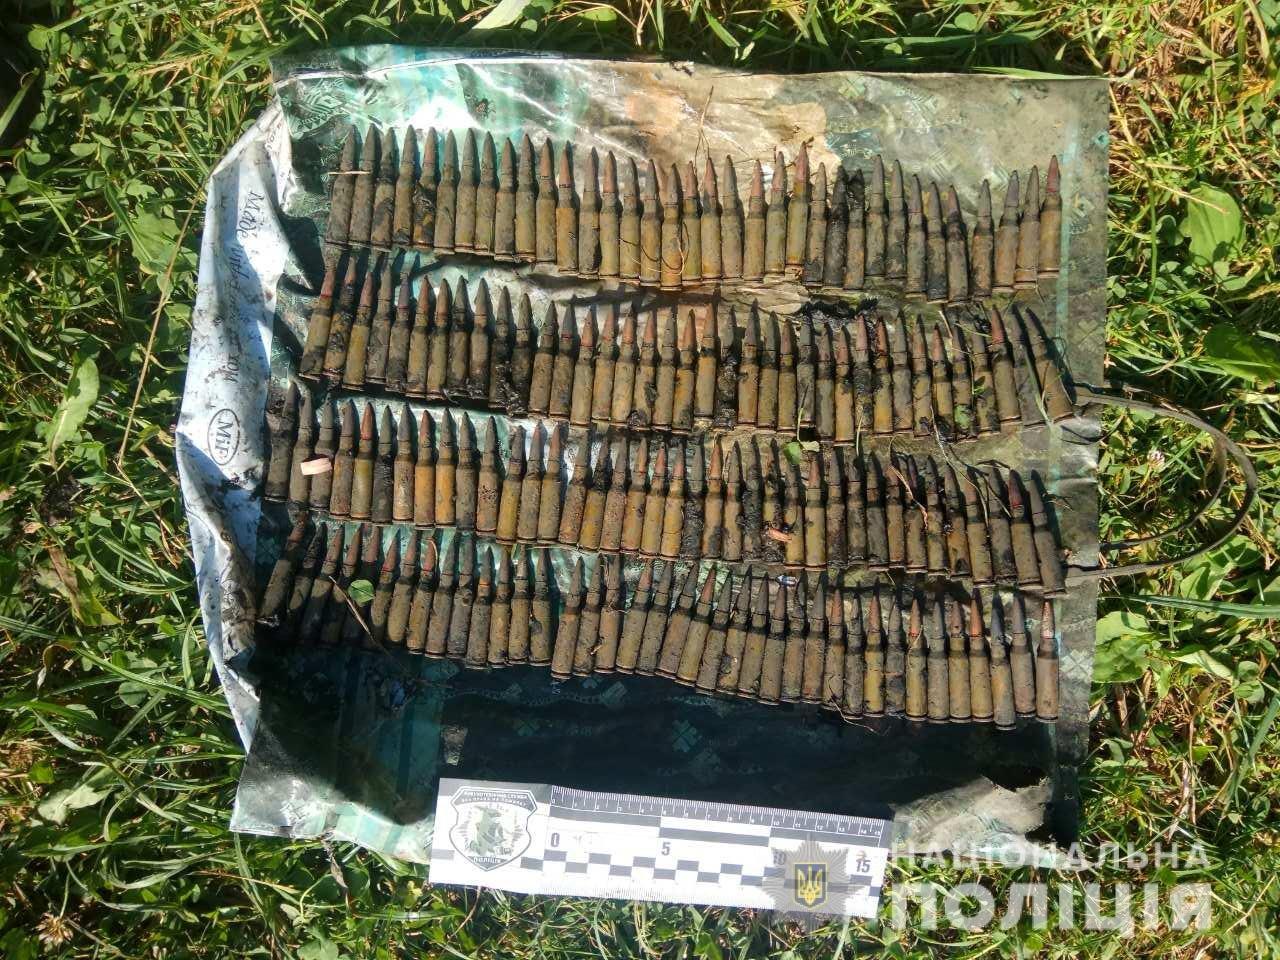 На Харьковщине возле пруда нашли 5 гранат, - ФОТО, фото-2